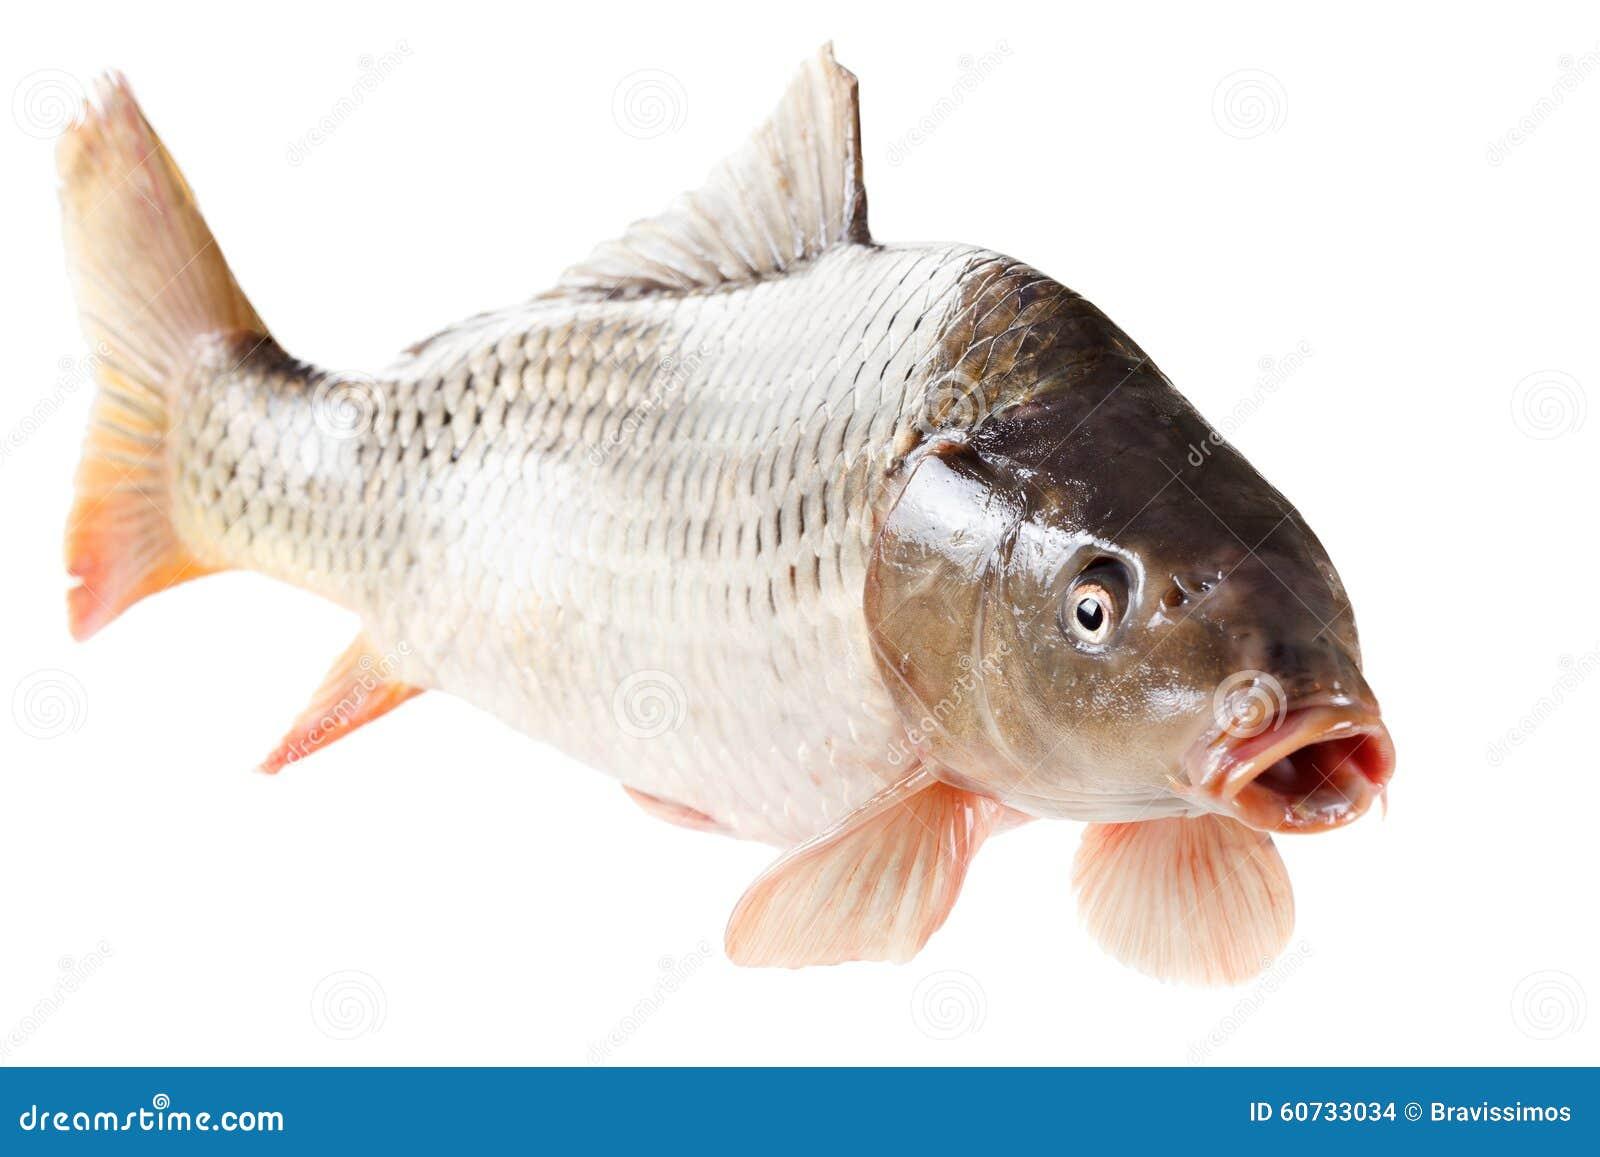 Caratteristiche di pesca durante il periodo invernale di me